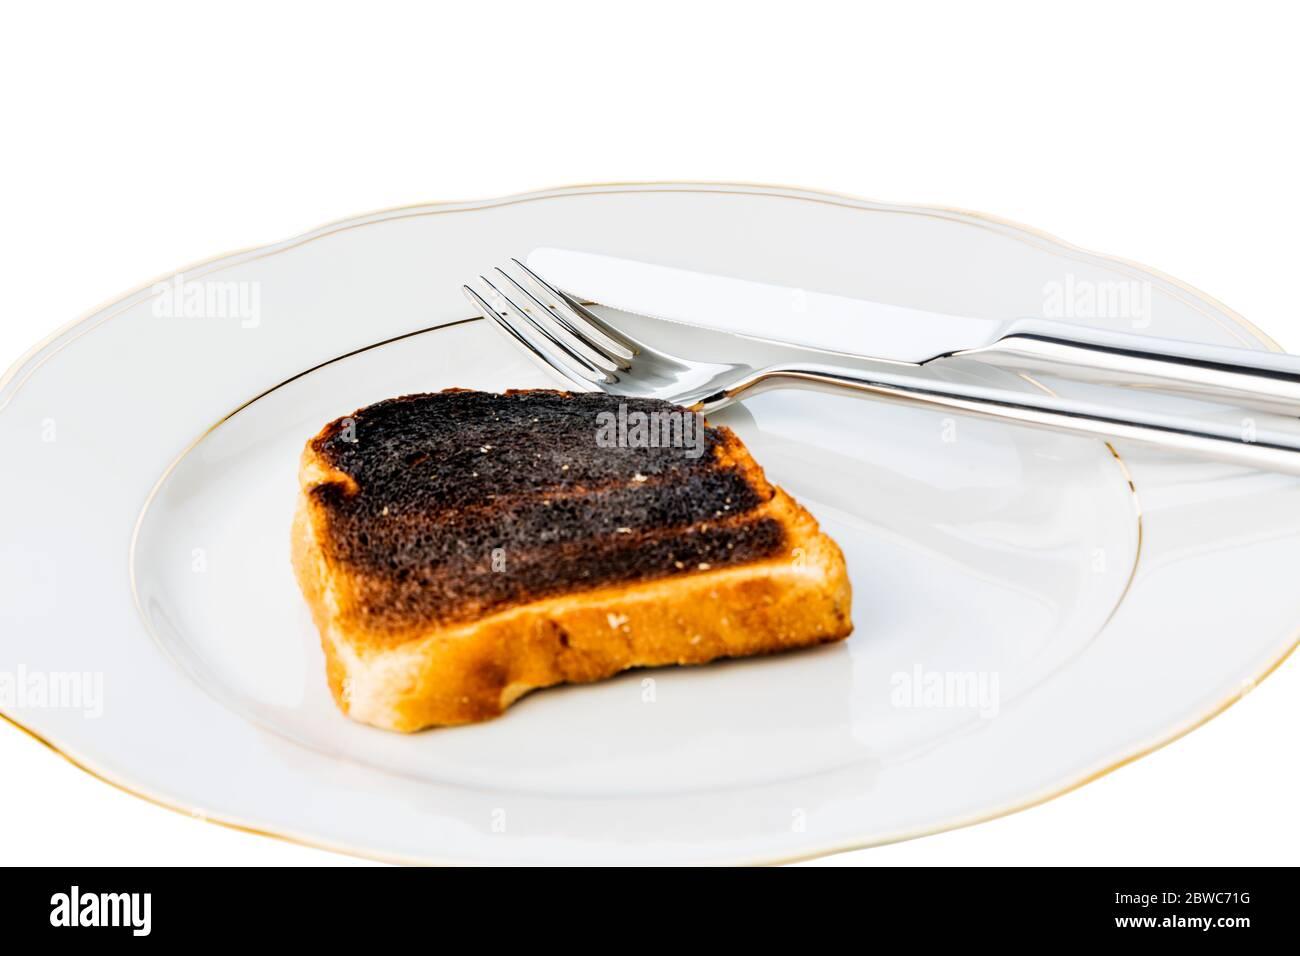 Toastbrot wurde beim toasten verbrannt. Verbrannte Toastscheiben beim Fruehstueck. Foto Stock